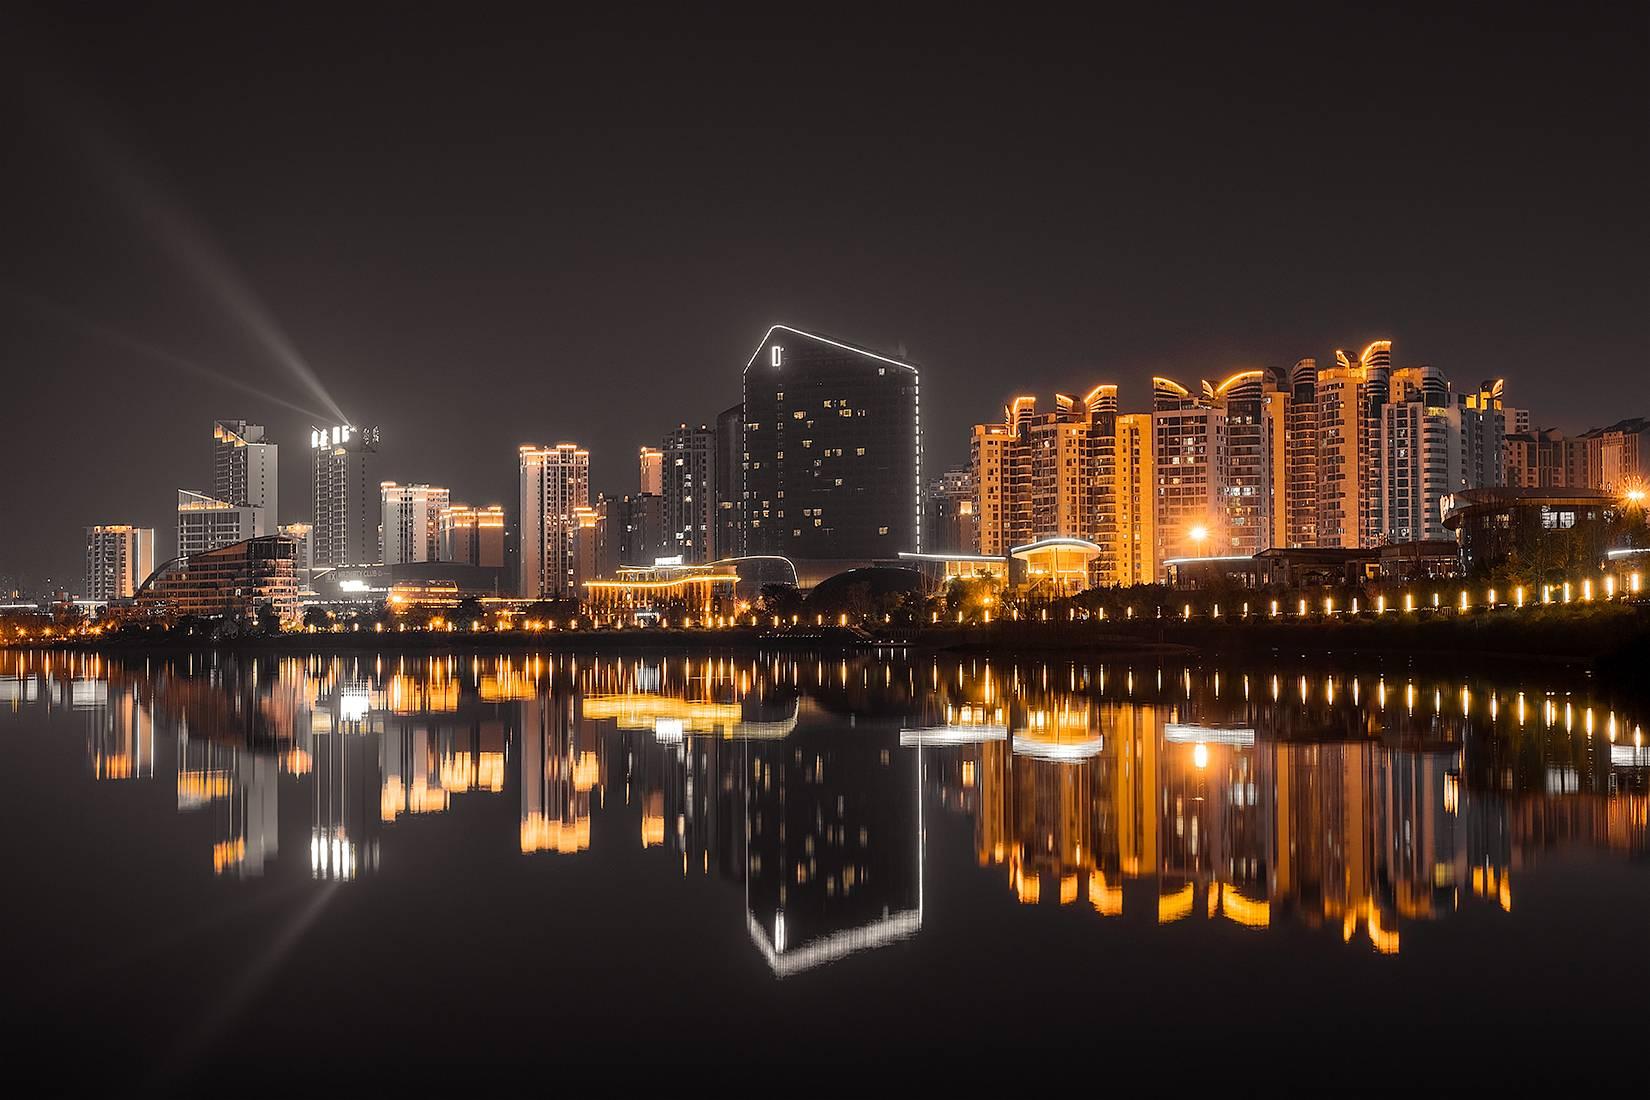 遂宁夜景——城市黑金